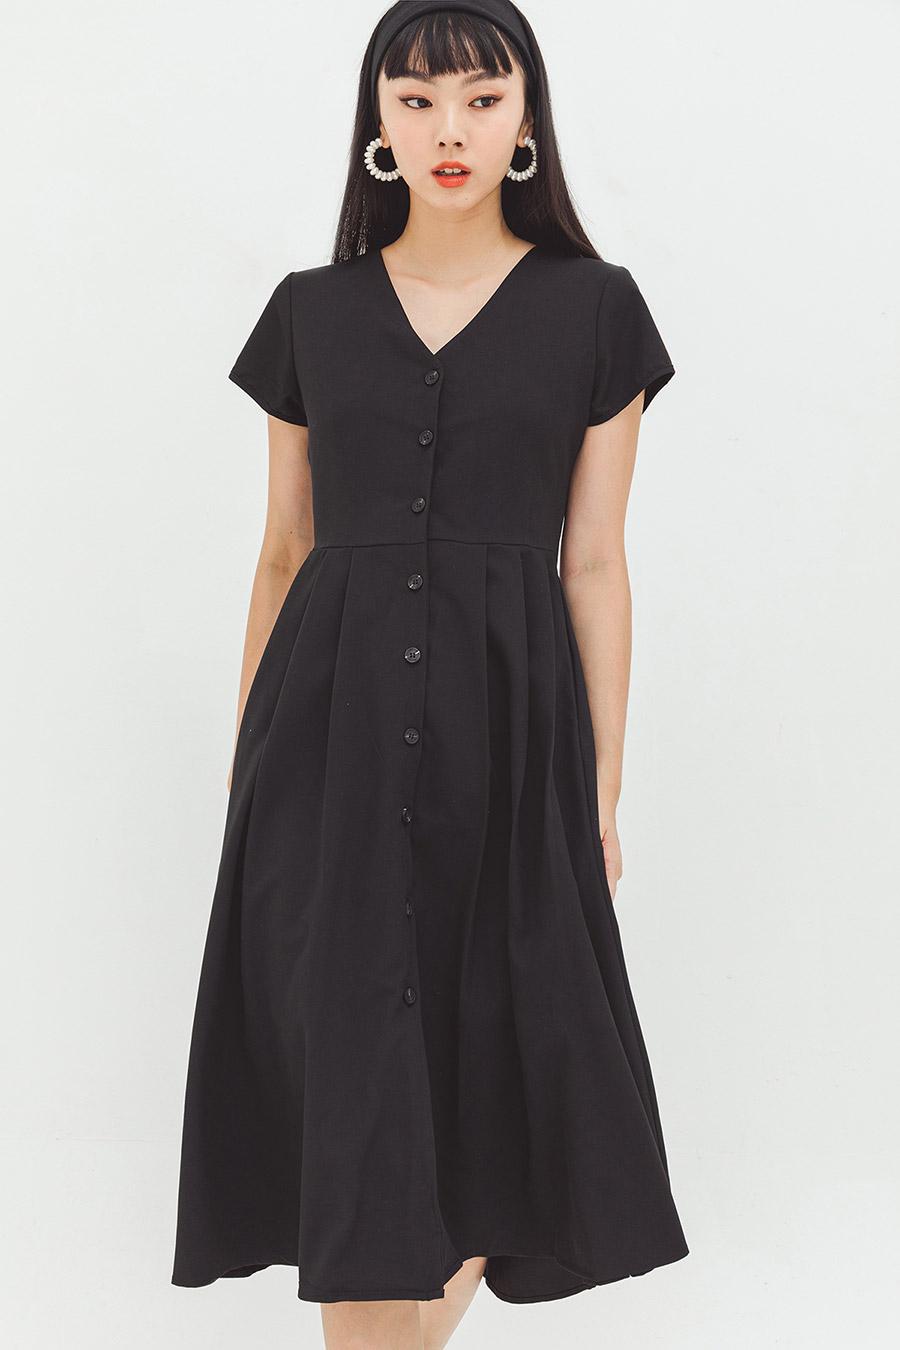 BEAULENE DRESS - NOIR